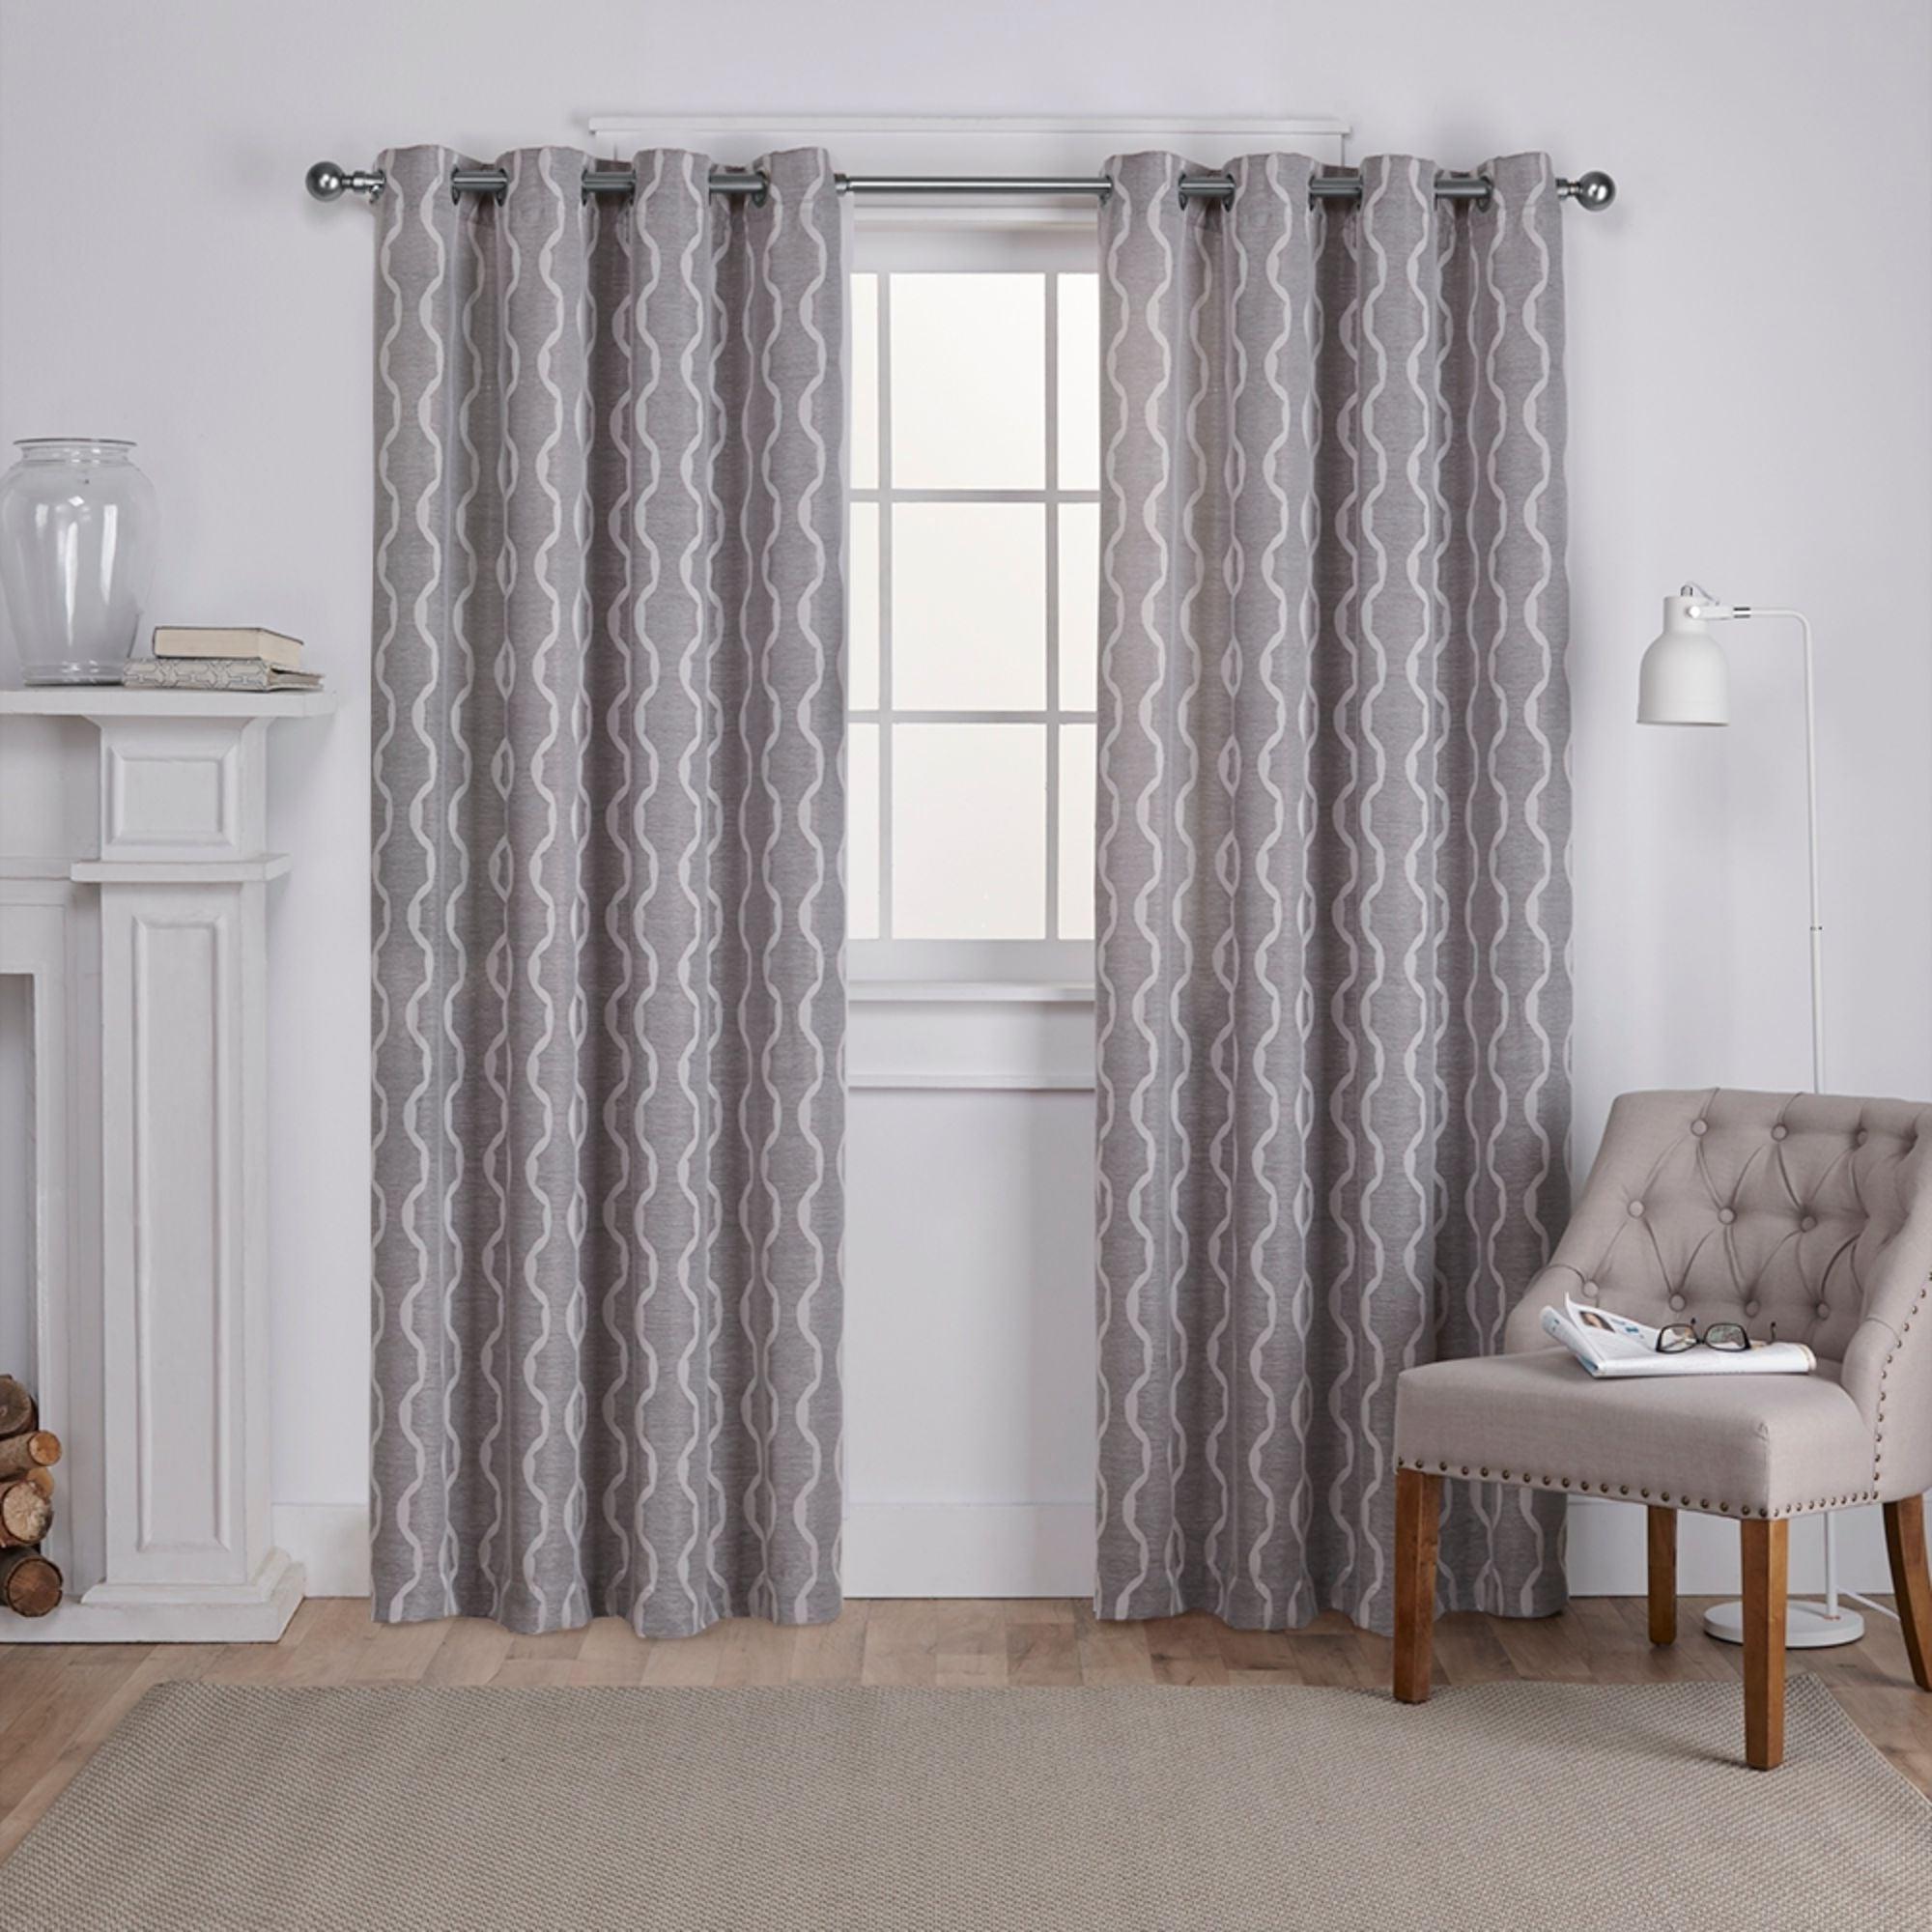 Newest Ati Home Baroque Linen Grommet Top Curtain Panel Pair Throughout Baroque Linen Grommet Top Curtain Panel Pairs (View 3 of 20)